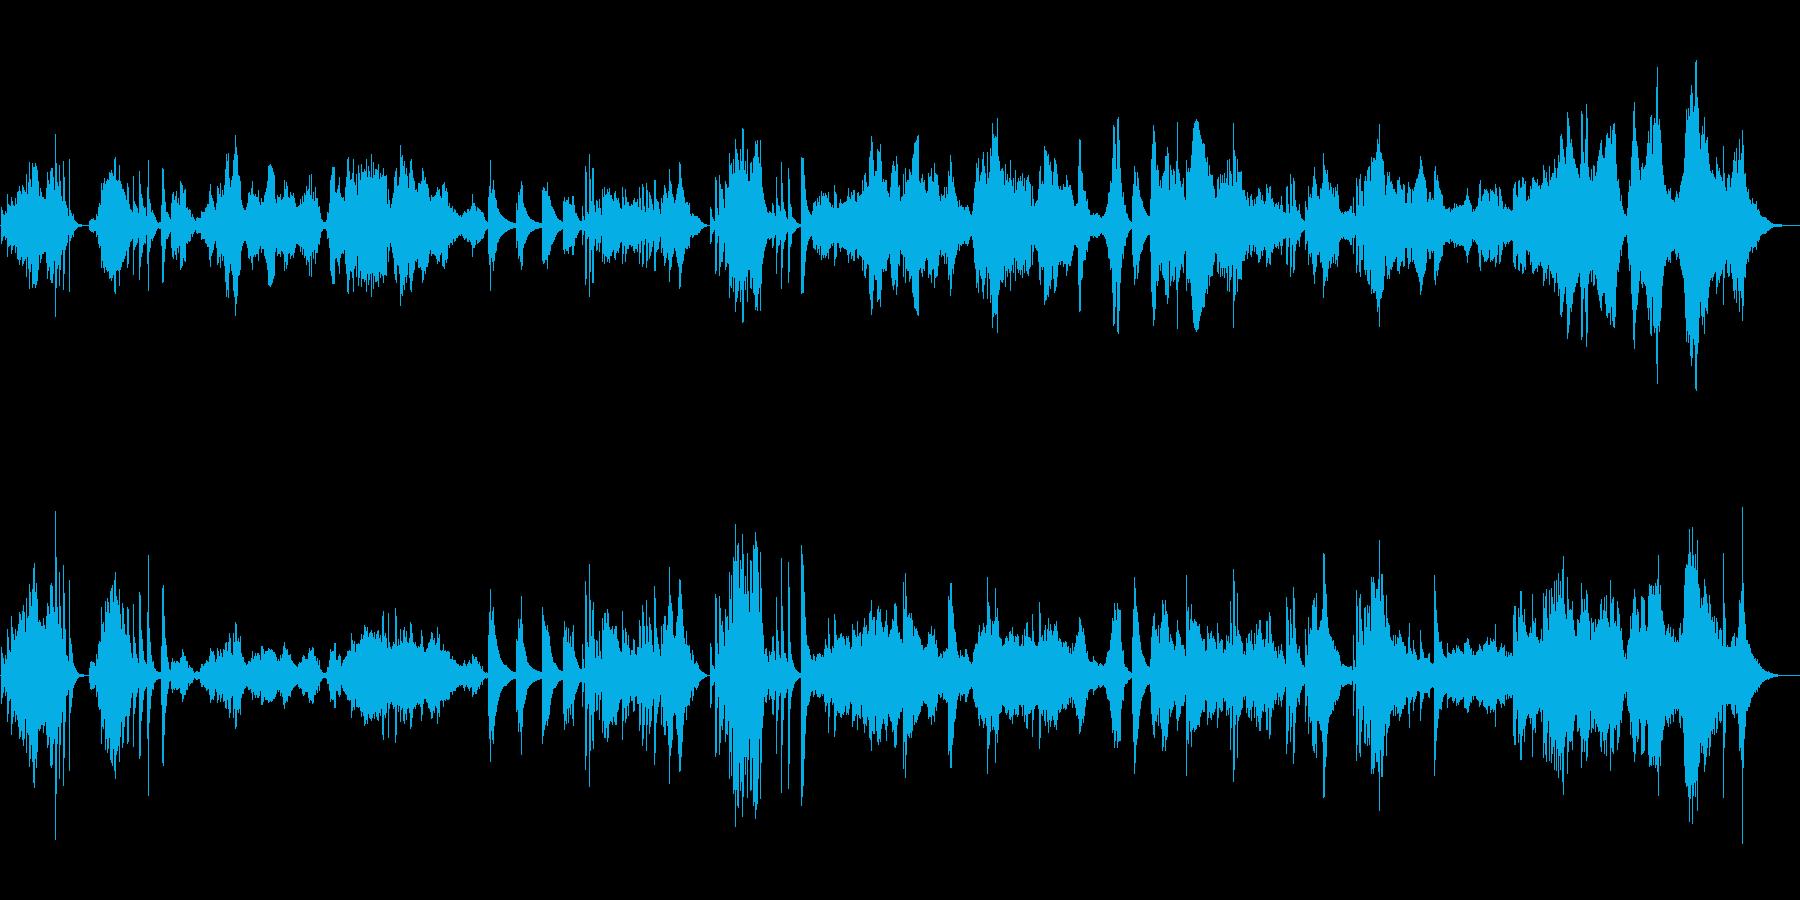 伝統的な日本風の楽曲の再生済みの波形